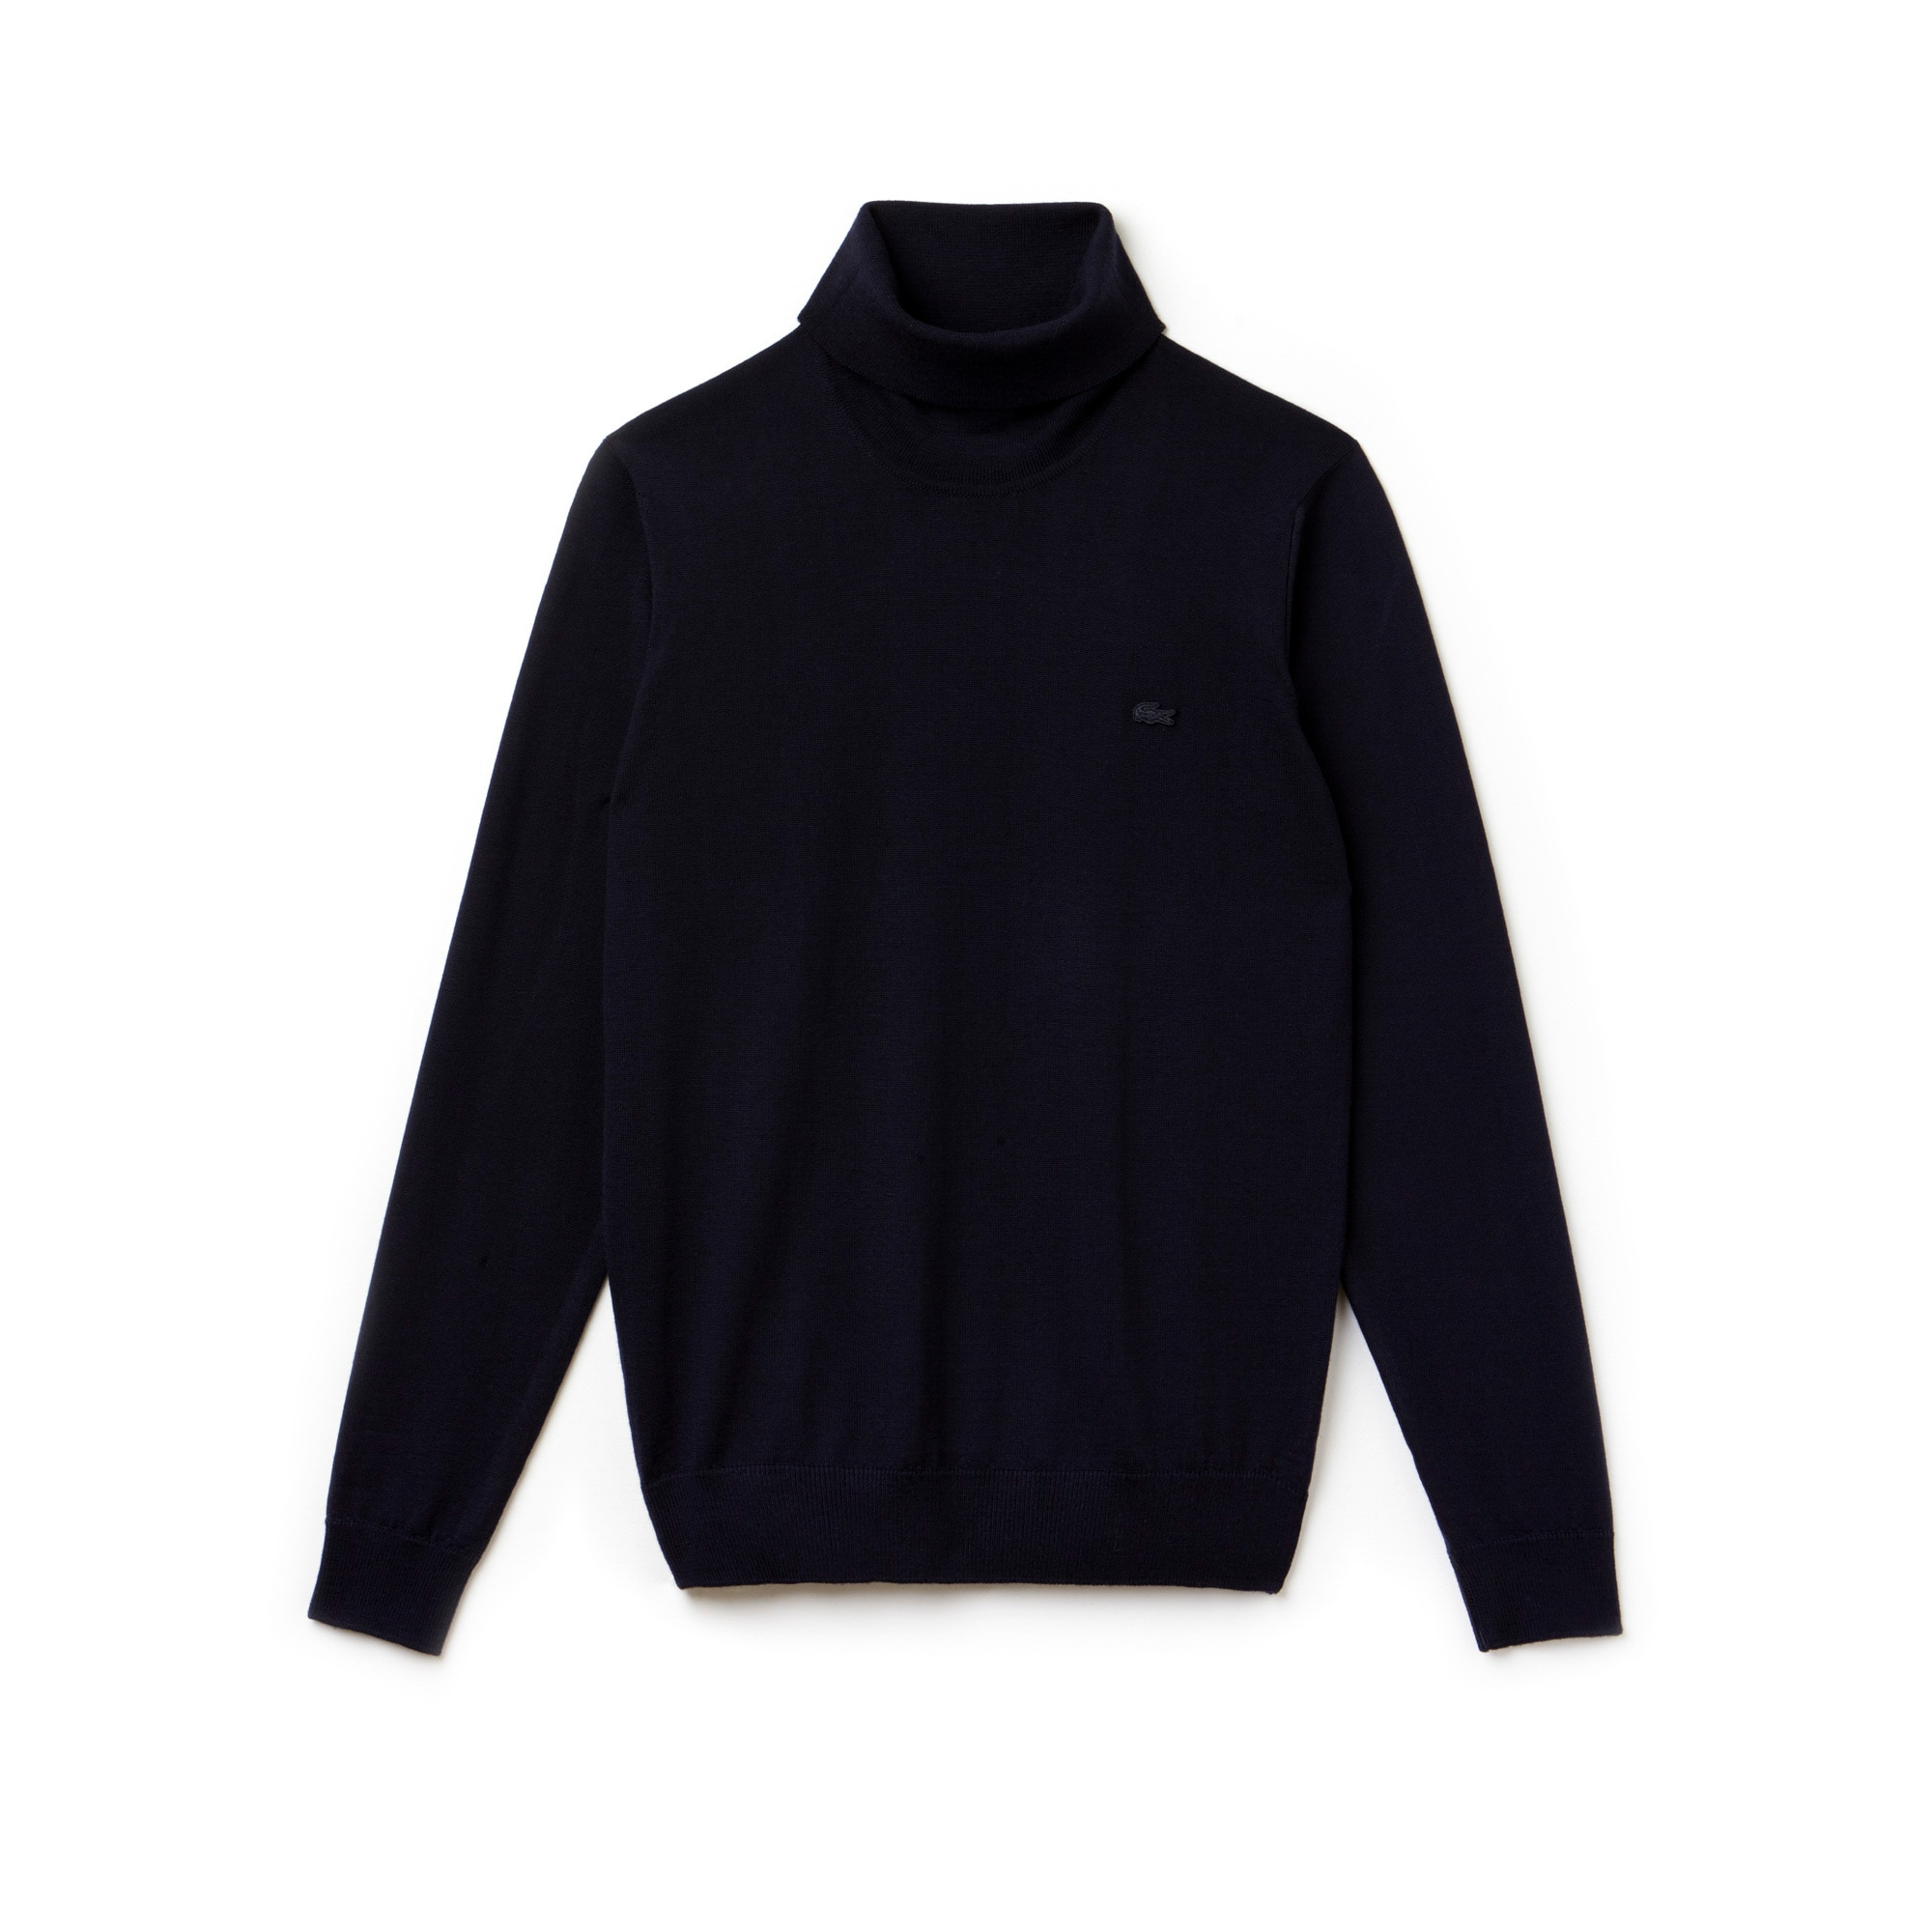 Jersey de hombre en tejido de punto de lana con cuello vuelto